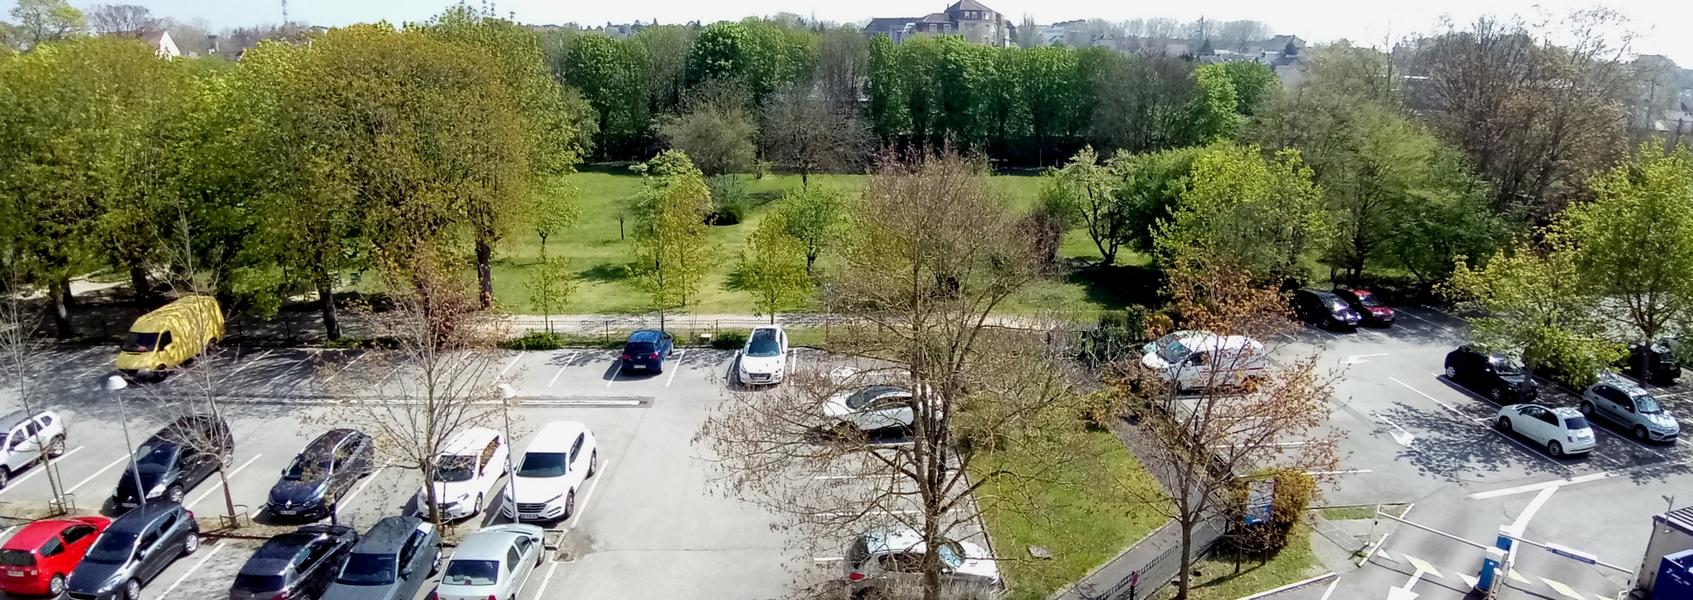 parking et parc1